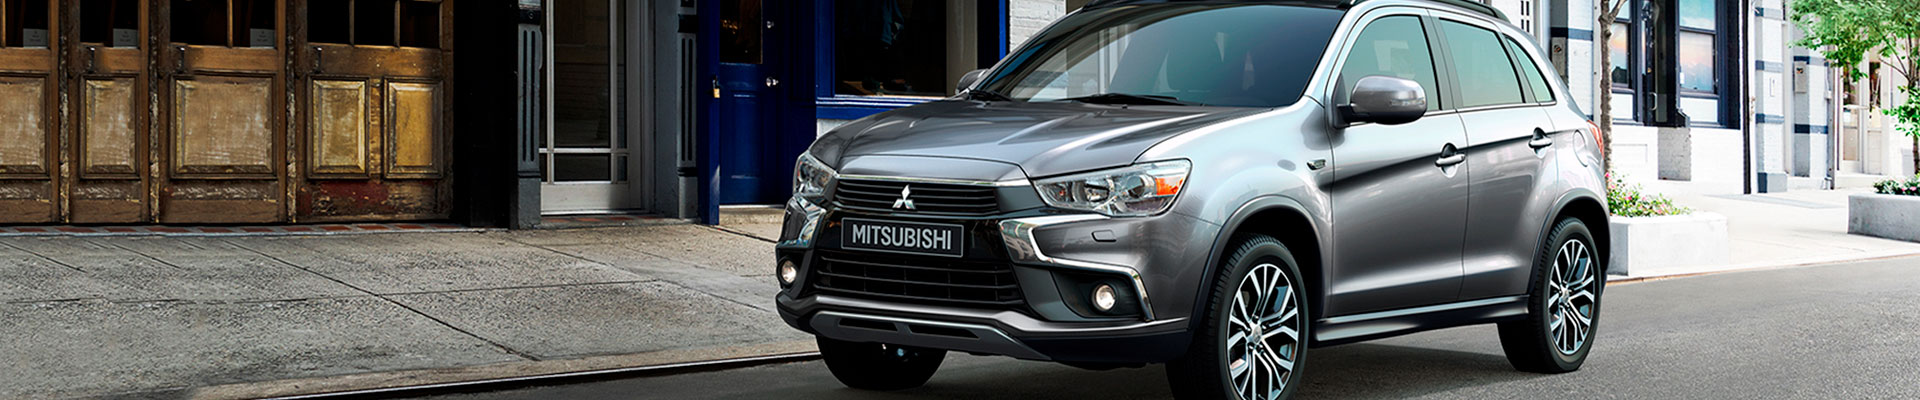 Quiles Concesionarios I, Concesionario Oficial Mitsubishi en Guadalajara